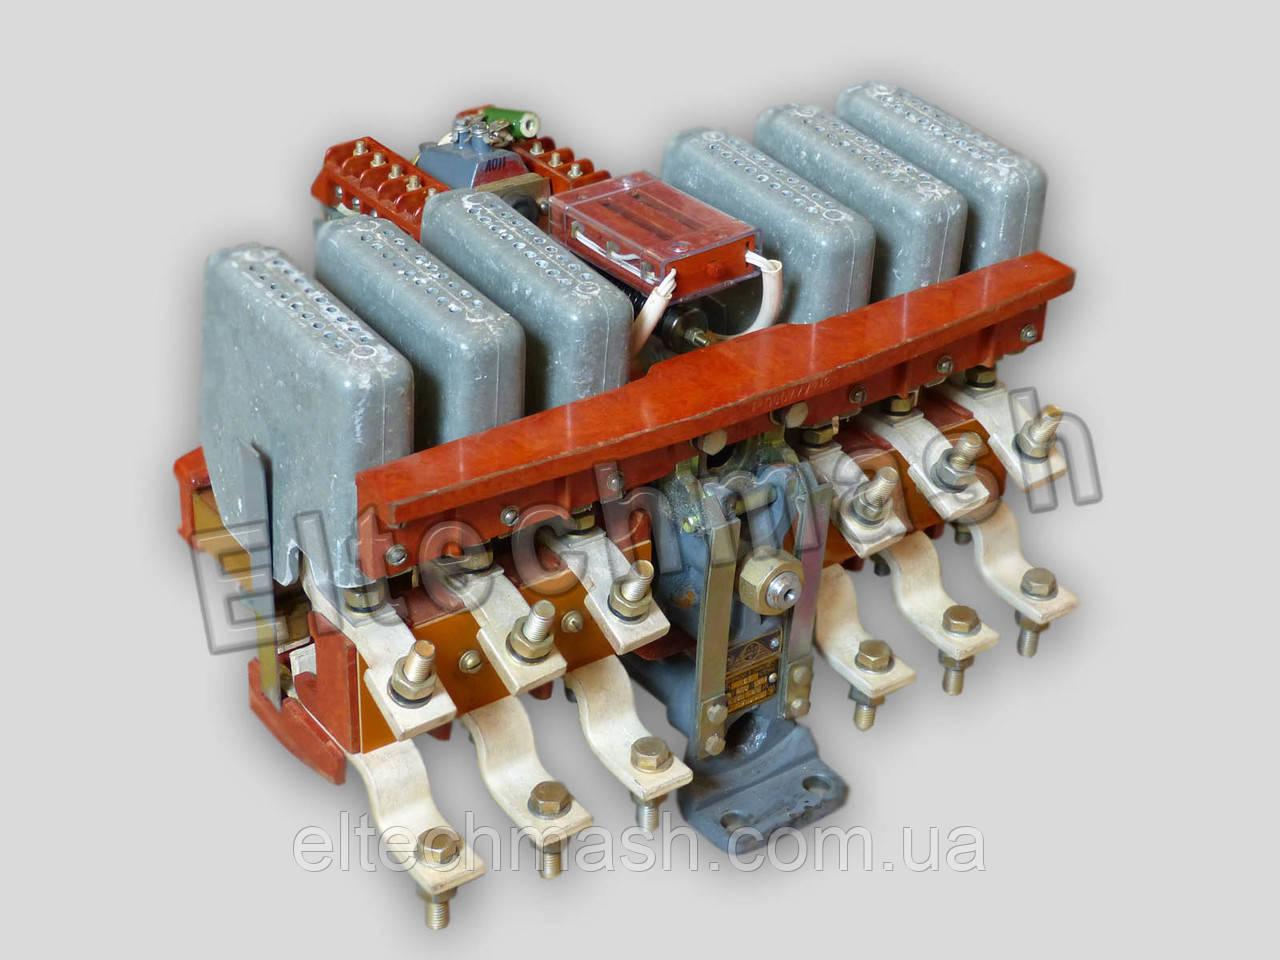 ПК-1619А, контактор, (ИАКВ.644665.001) ПК-1416